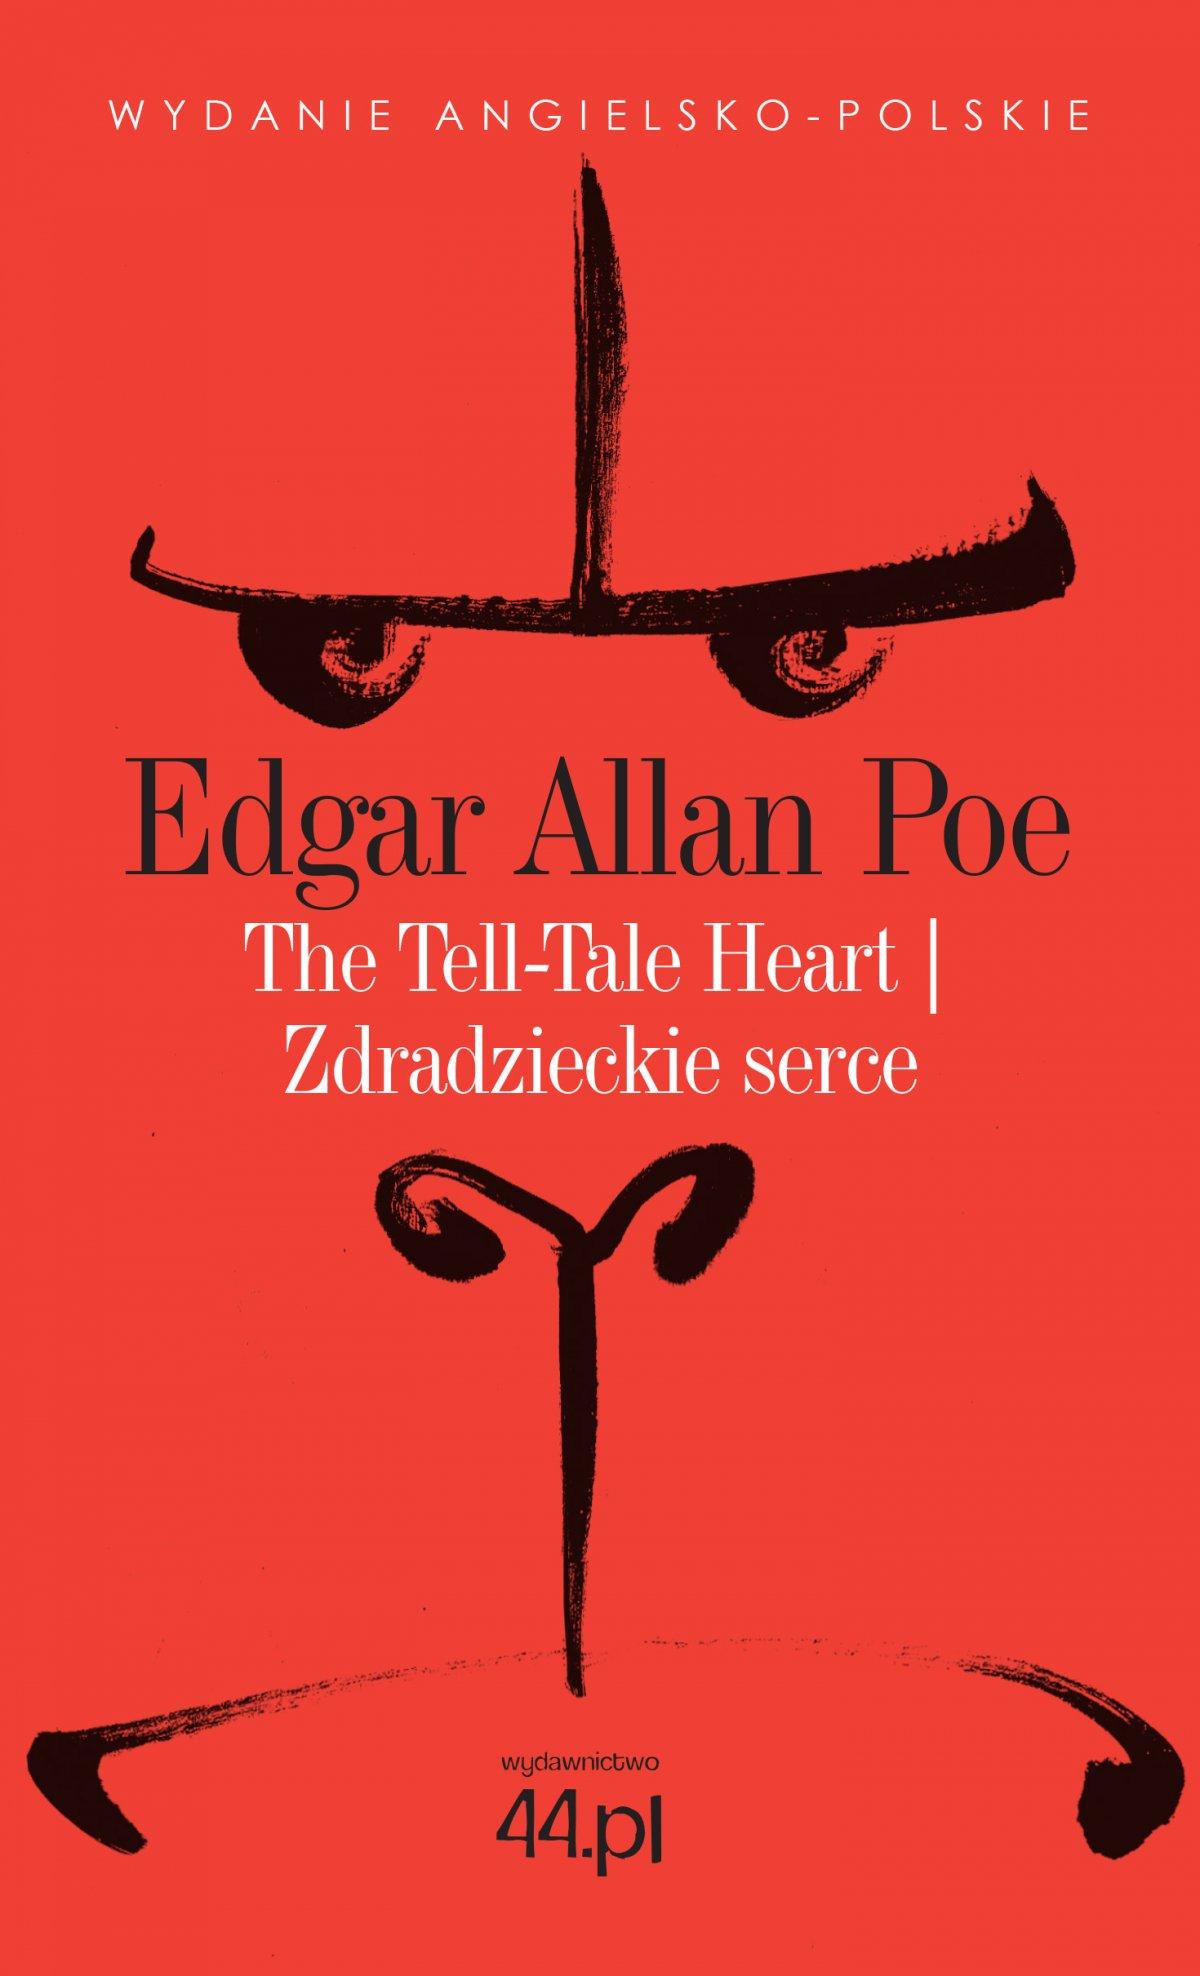 The Tell-Tale Heart. Zdradzieckie serce - Ebook (Książka na Kindle) do pobrania w formacie MOBI